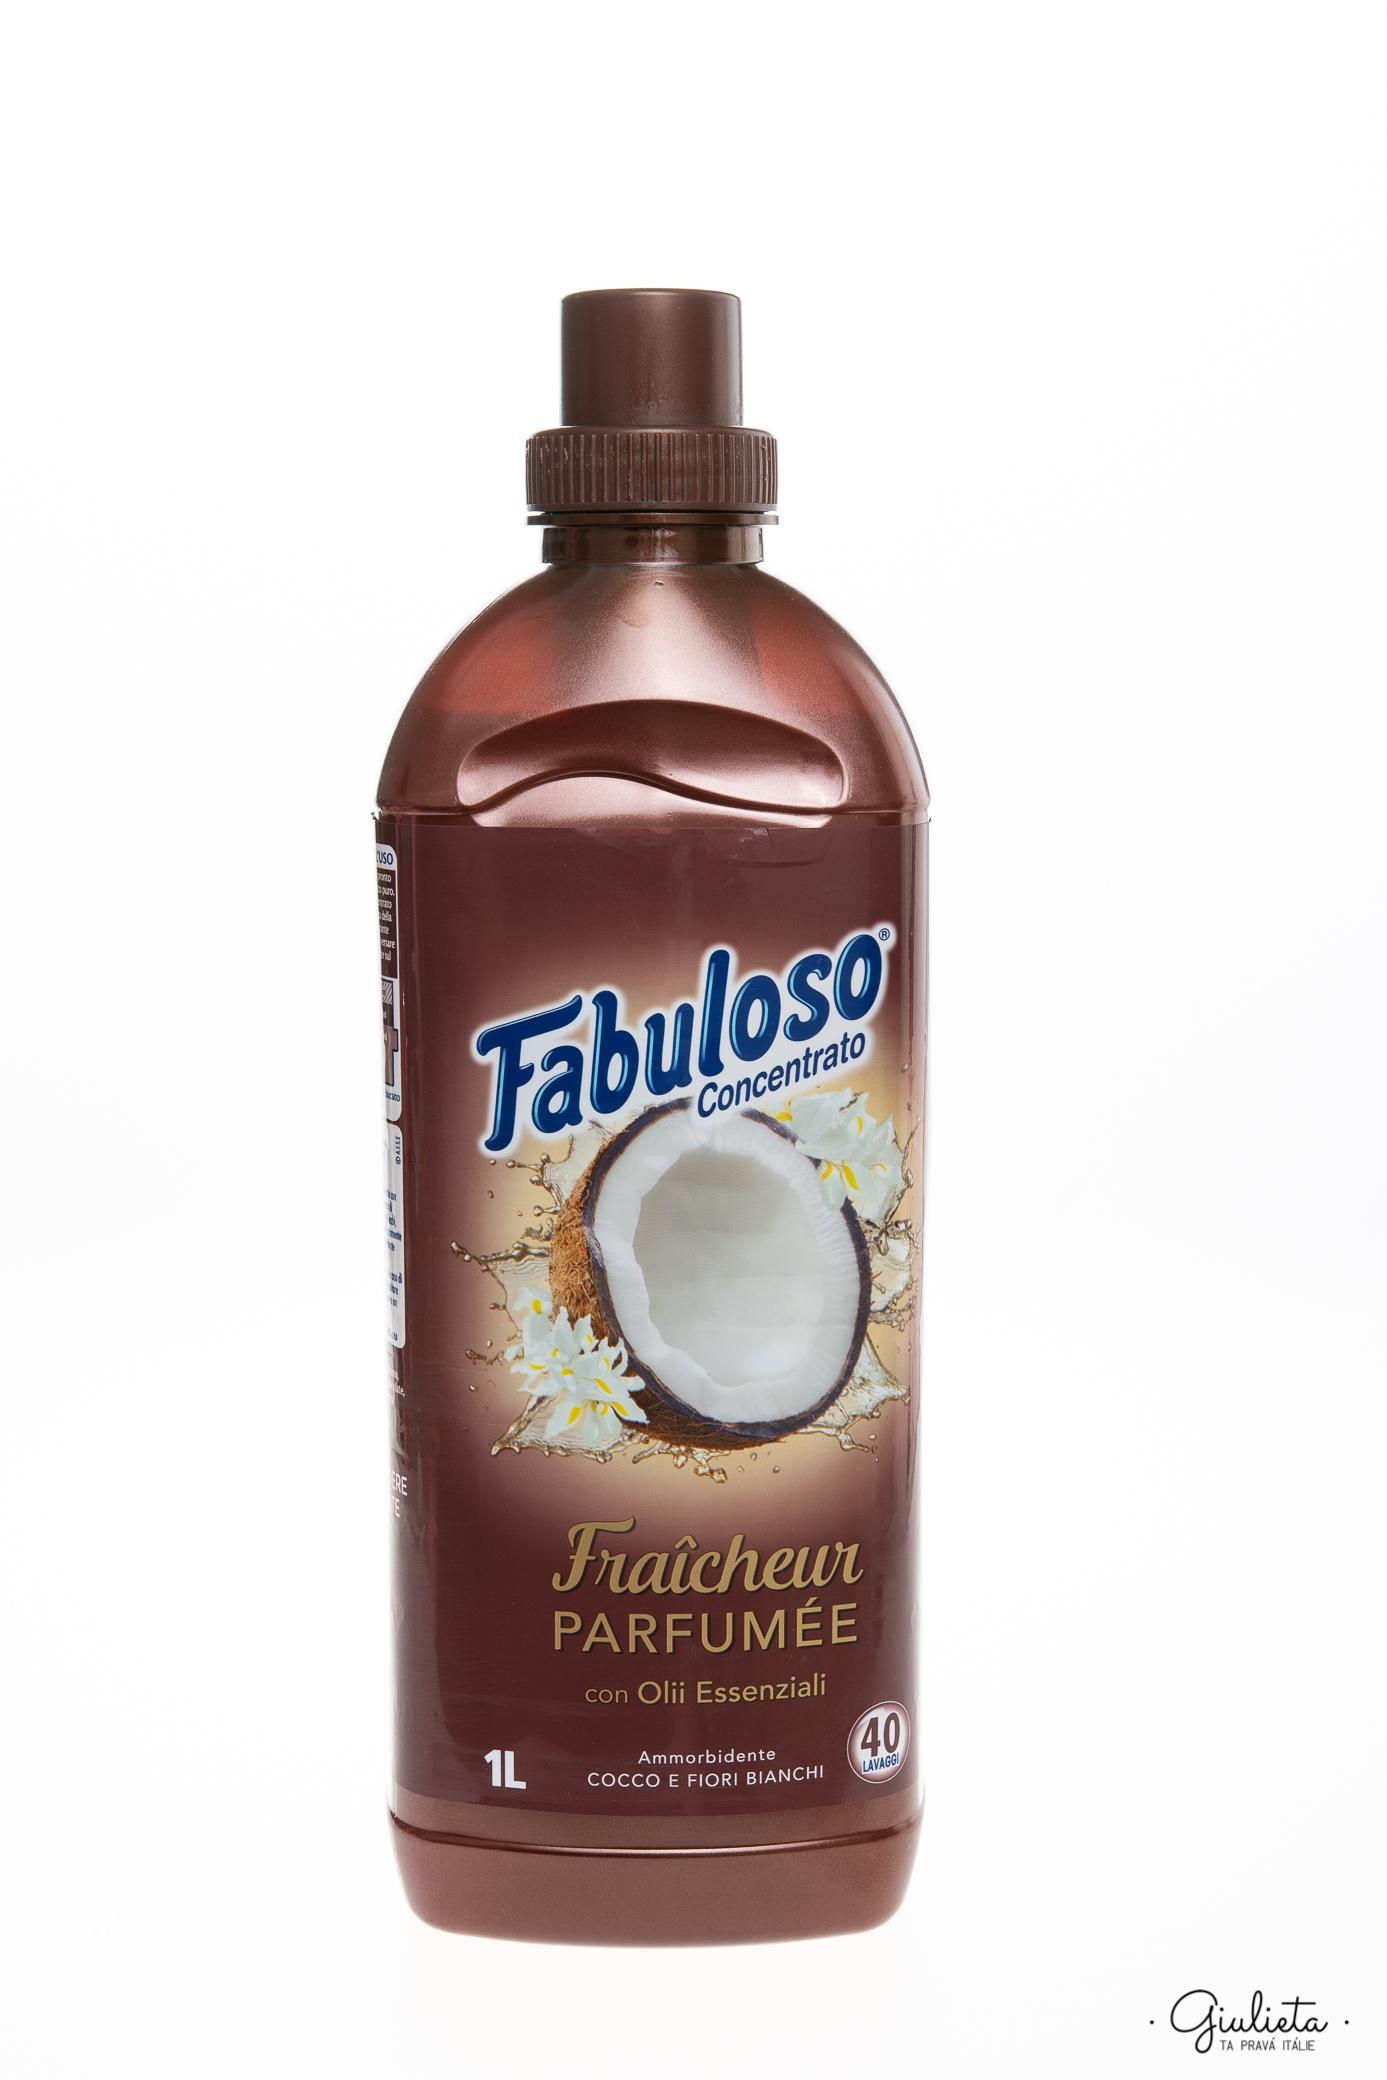 Fabuloso aviváž koncentrát s vůní bílých květin a kokosových ořechů, 1 litr